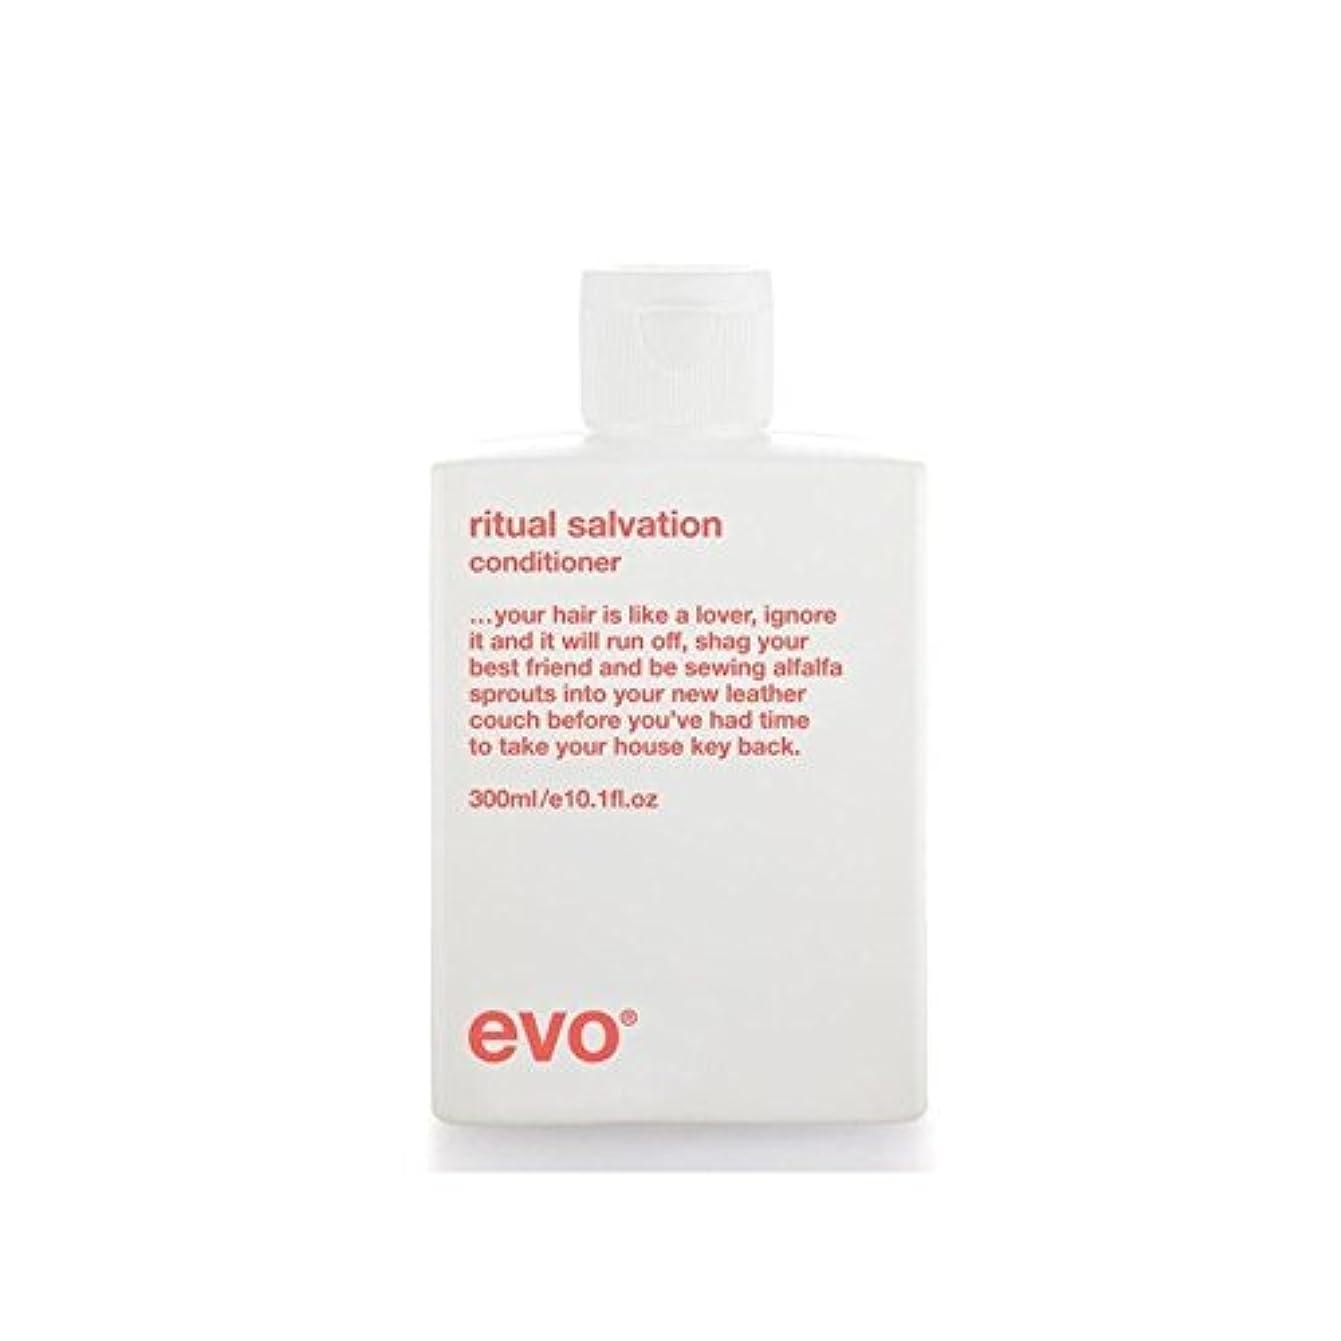 細菌エイリアス電圧儀式救いコンディショナー(300ミリリットル) x4 - Evo Ritual Salvation Conditioner (300ml) (Pack of 4) [並行輸入品]